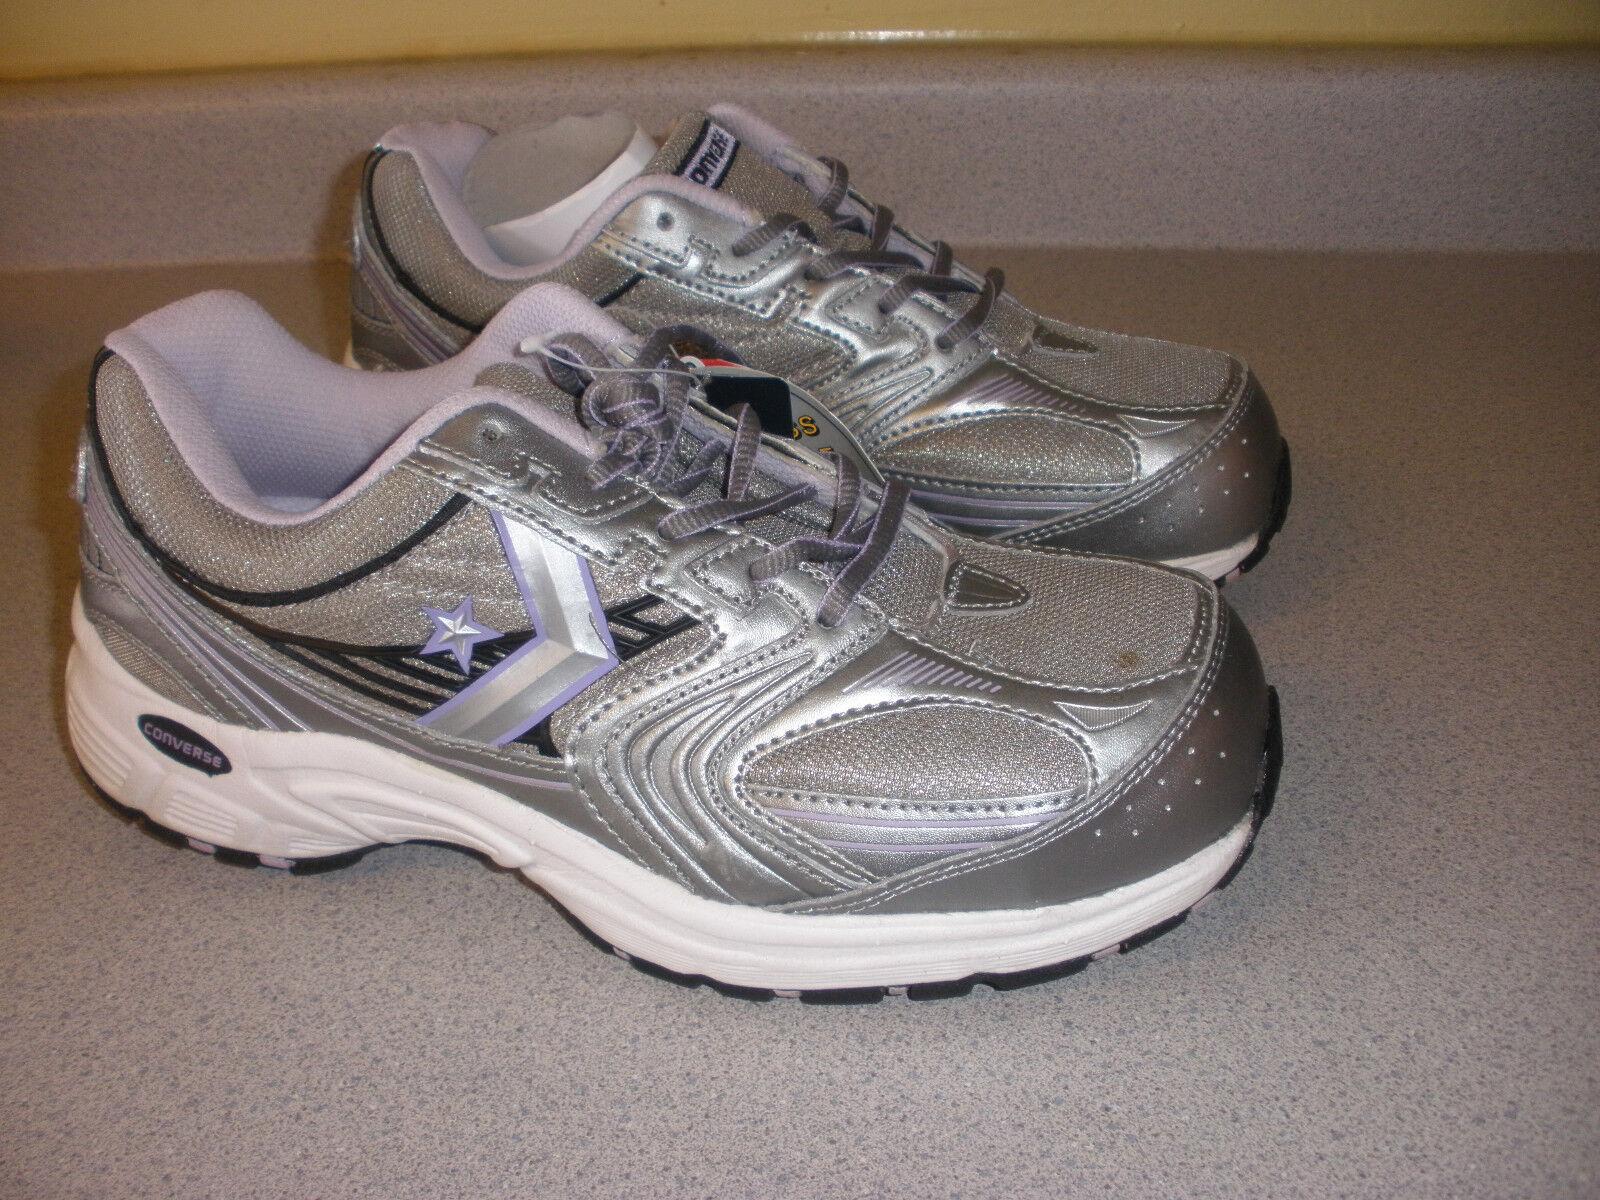 CONVERSE C448 Women's Comp Toe Work shoes shoes 9 M SILVER PURPLE